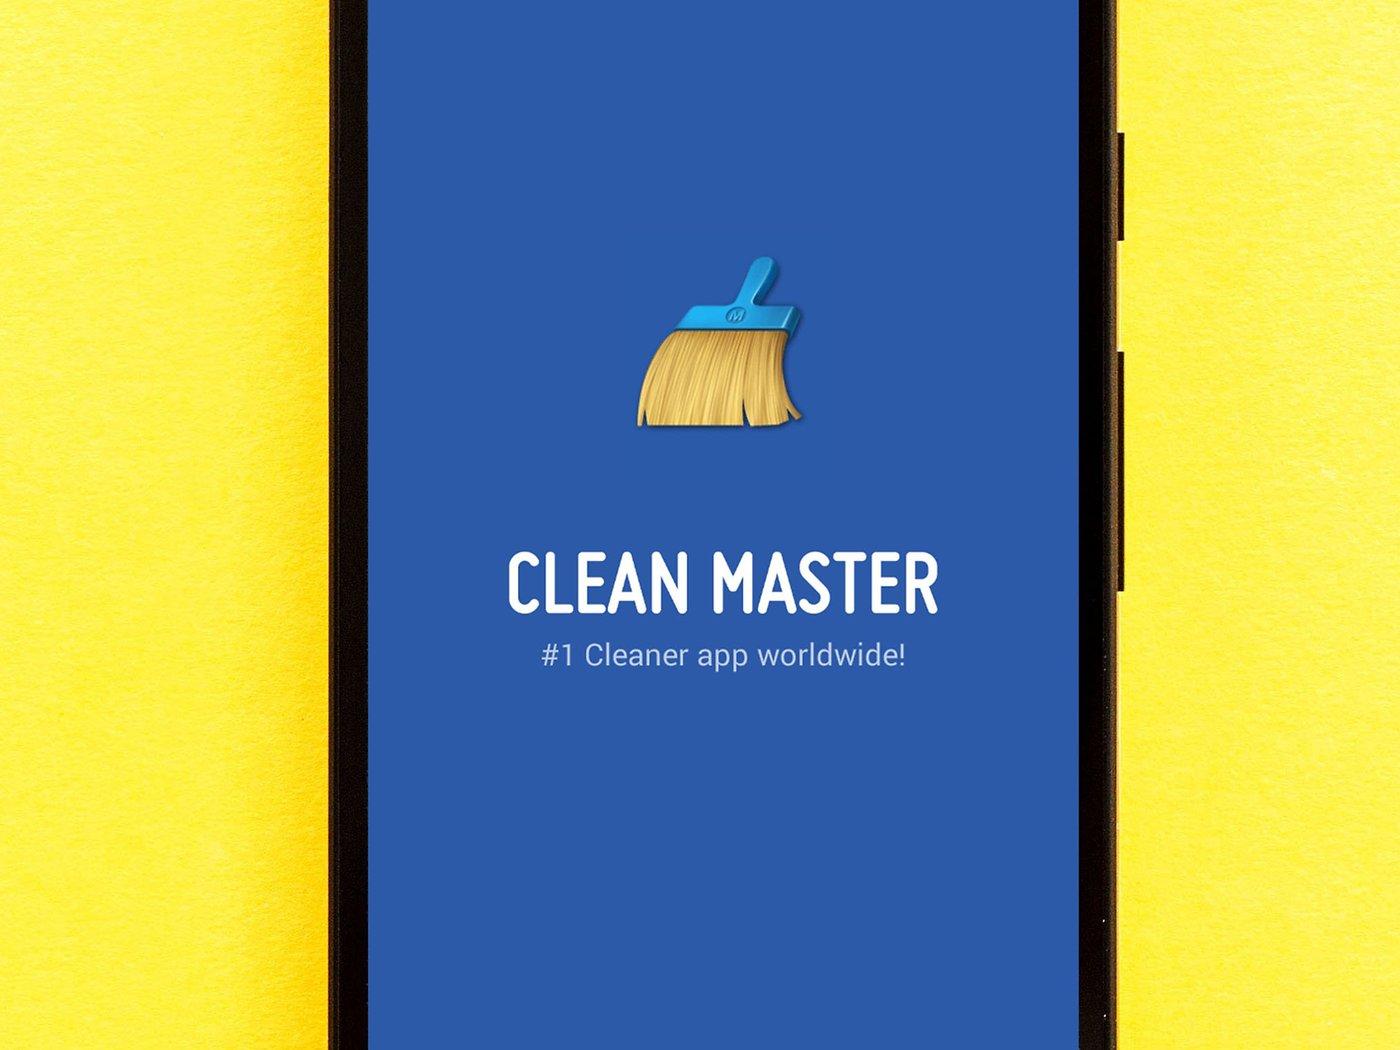 Apps são pegos em esquema milionário de fraude; Clean Master envolvido